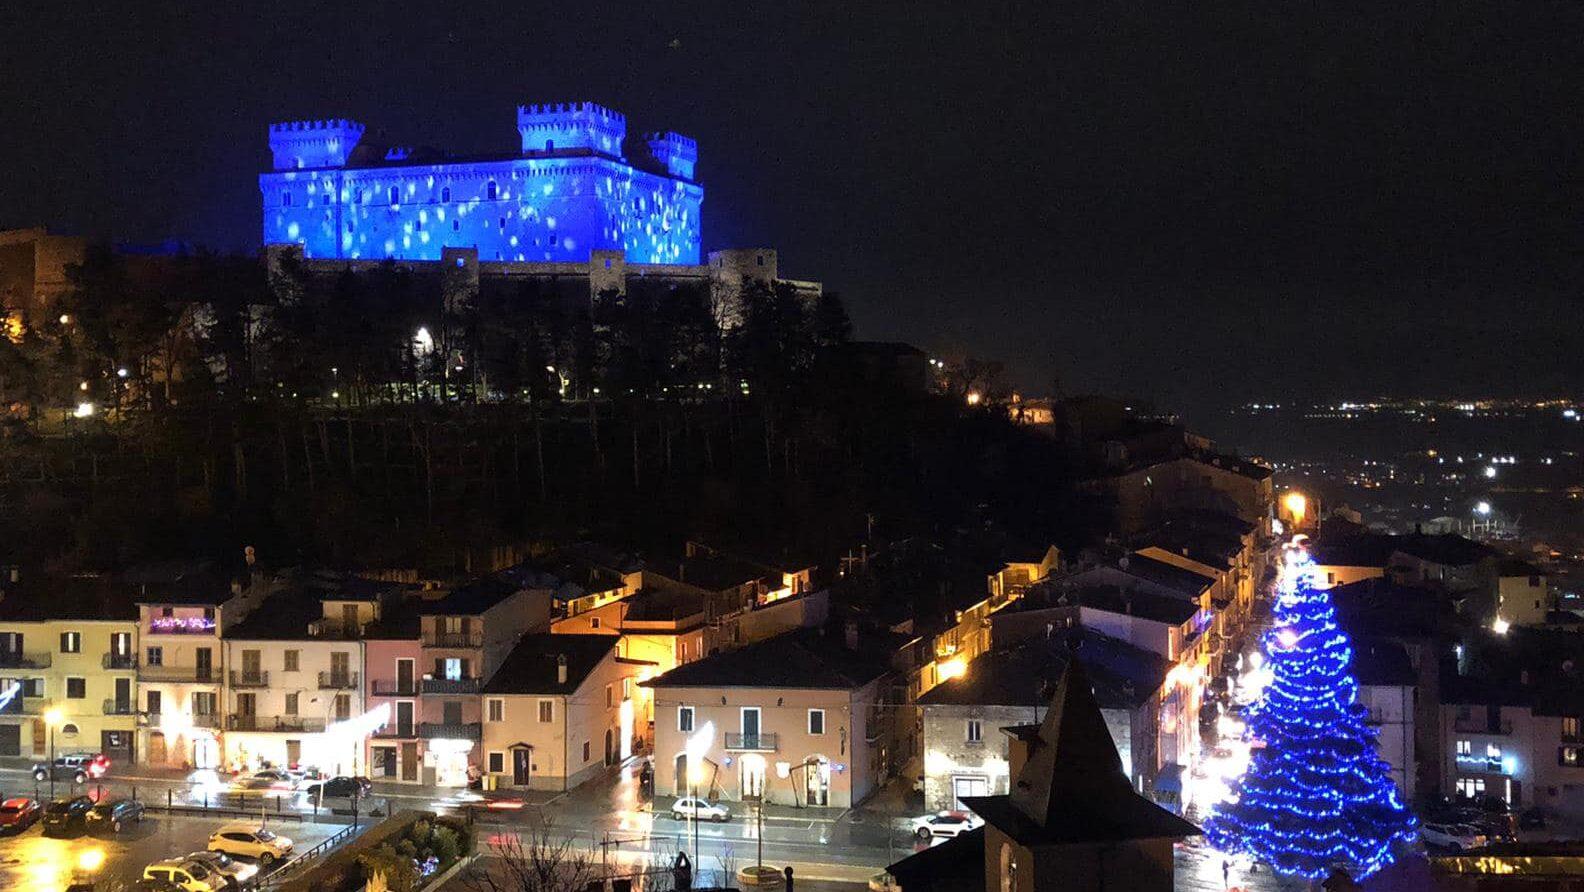 """Celano, il Castello Piccolimini si illumina di blu per gli auguri di """"Buon Anno Nuovo"""""""